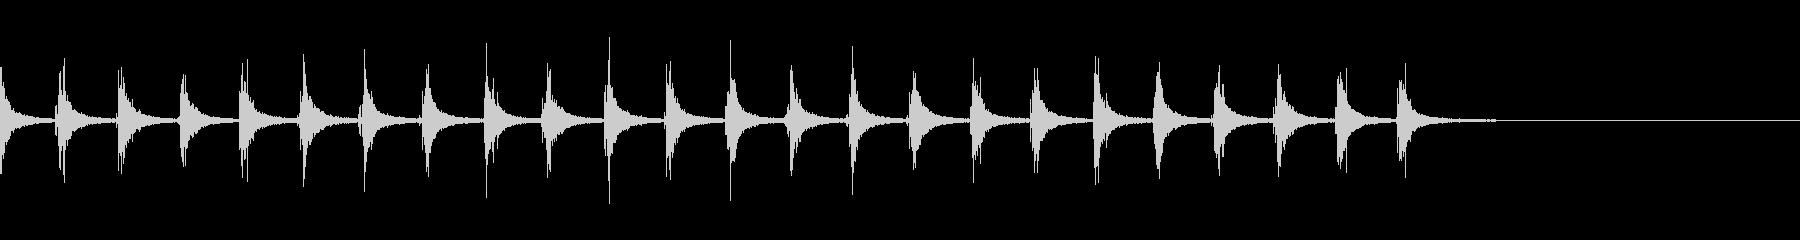 手拍子+タンバリンの未再生の波形